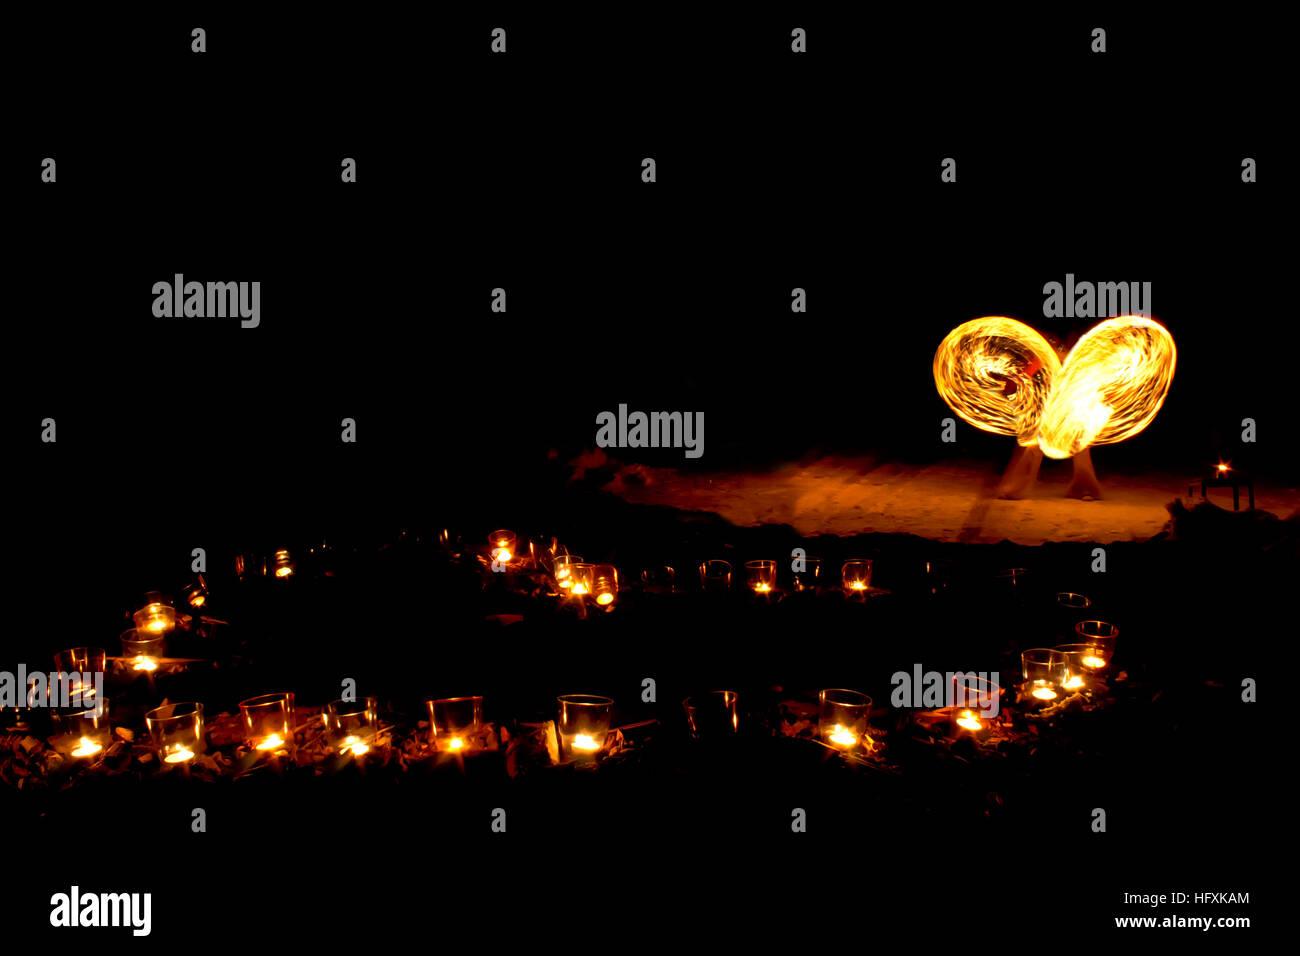 Forme de coeur de brûler des bougies sur le sol, sur un fond de spectacle de feu. Banque D'Images